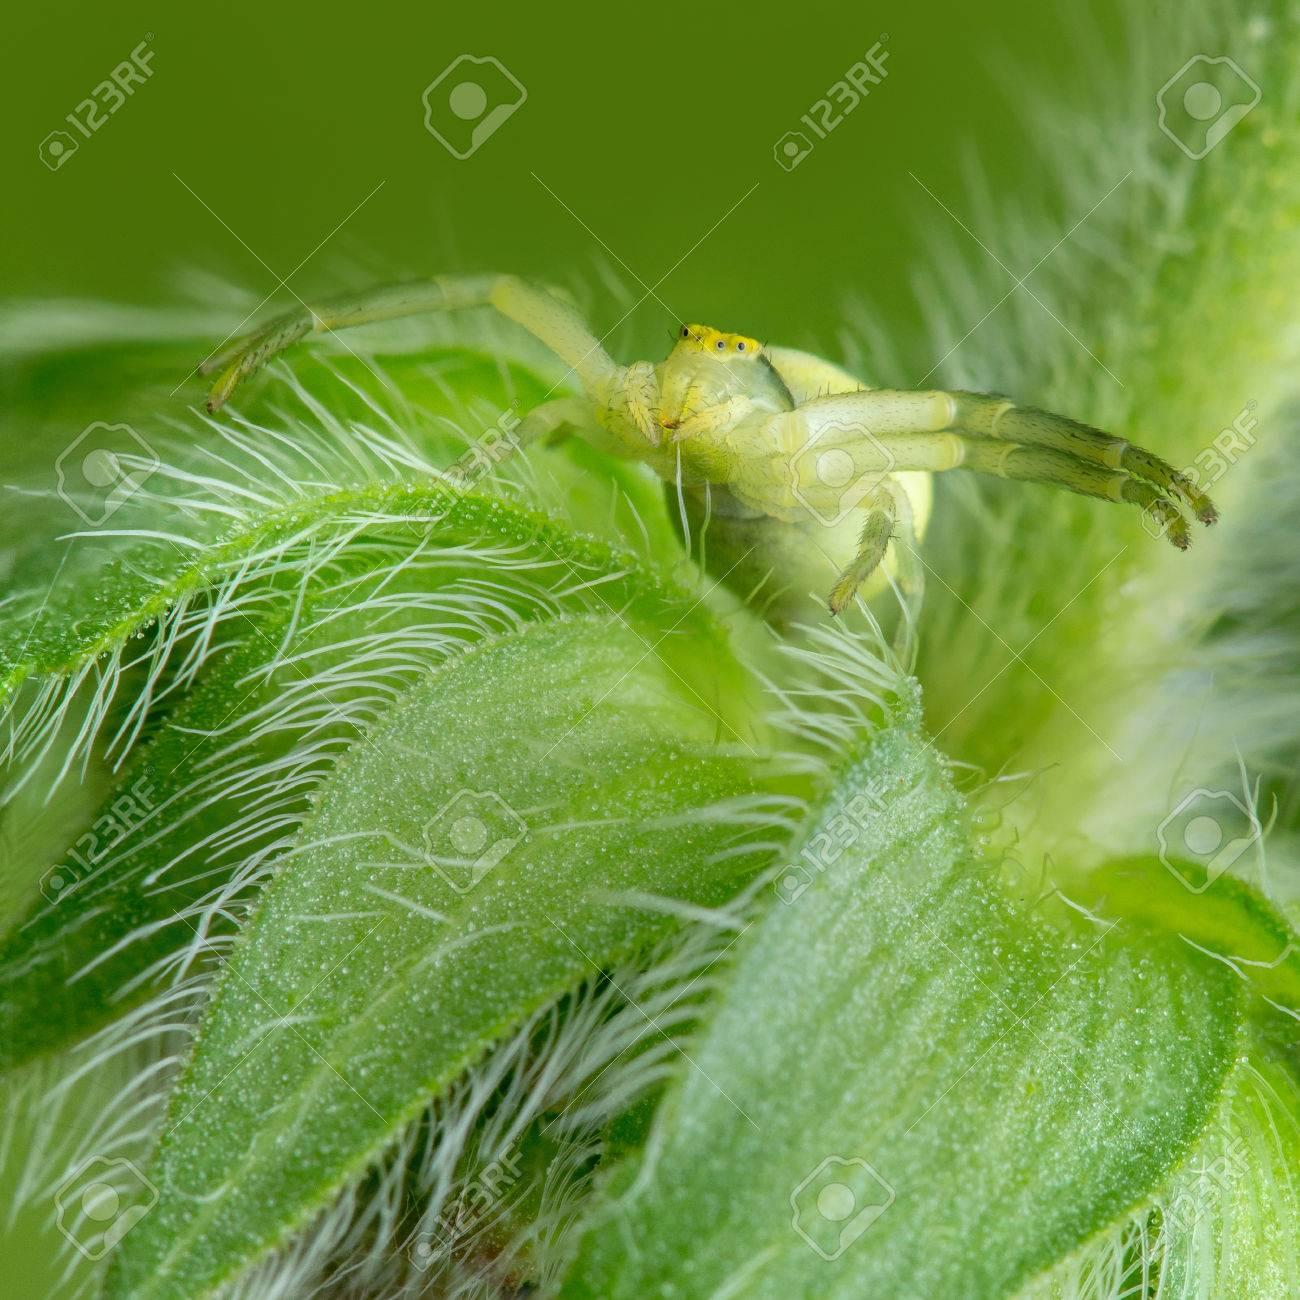 毛深い花蜘蛛 (Misumena)。彼の足を広げます。獲物を待っています。 の ...